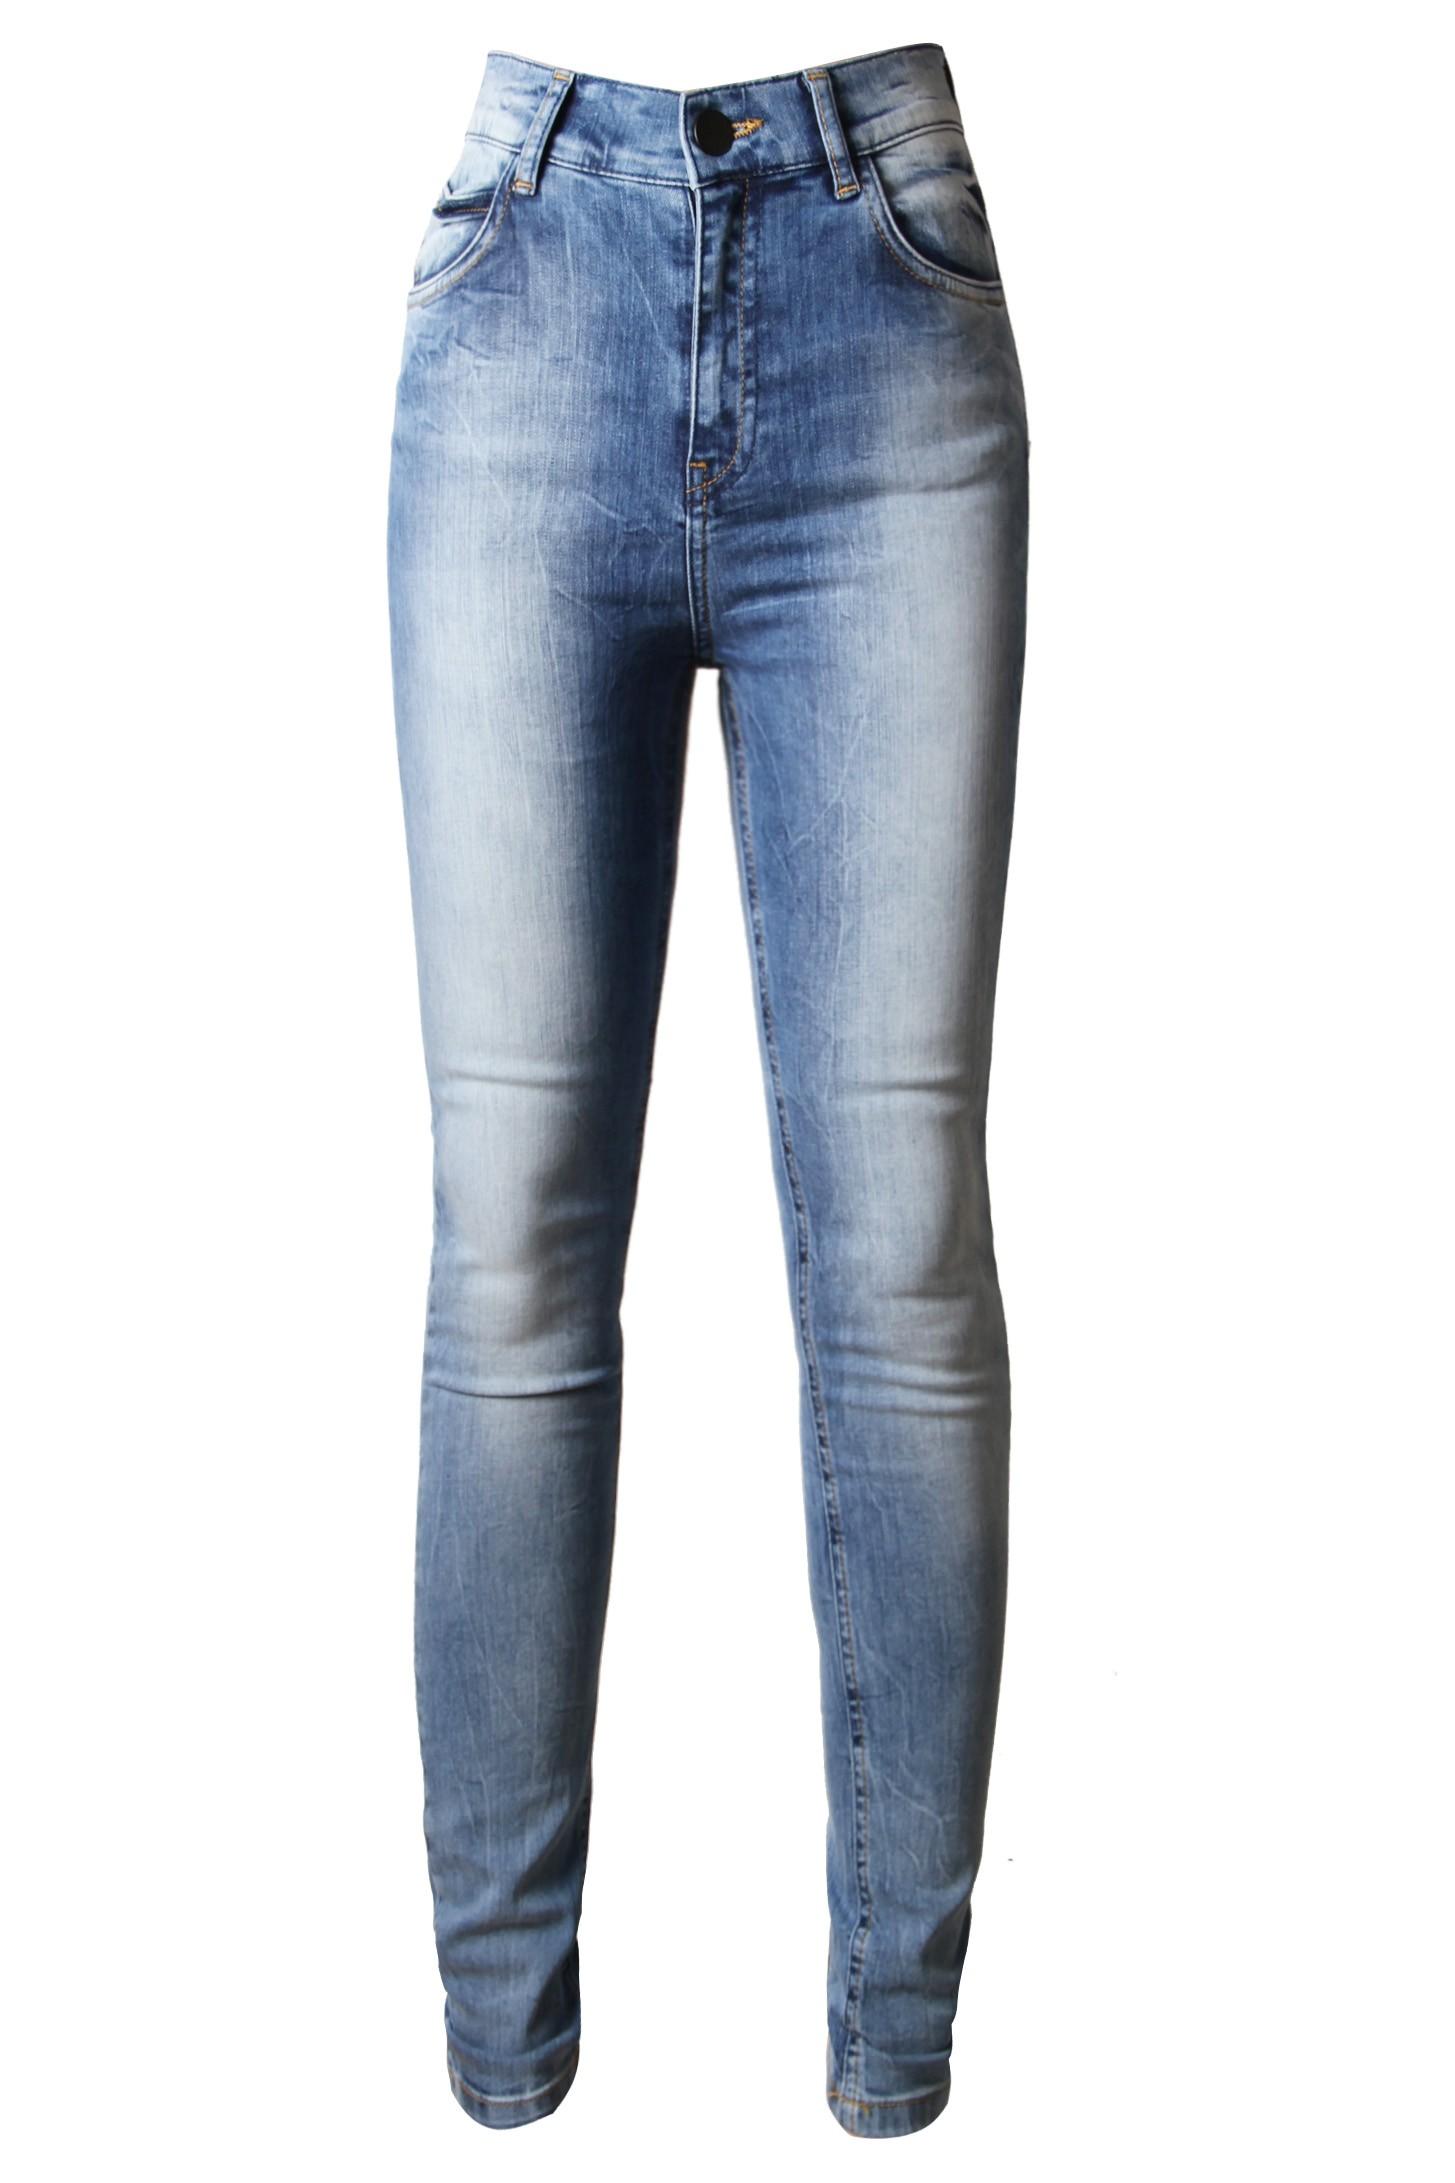 High Waisted Skinny Jeans - Styligion.com